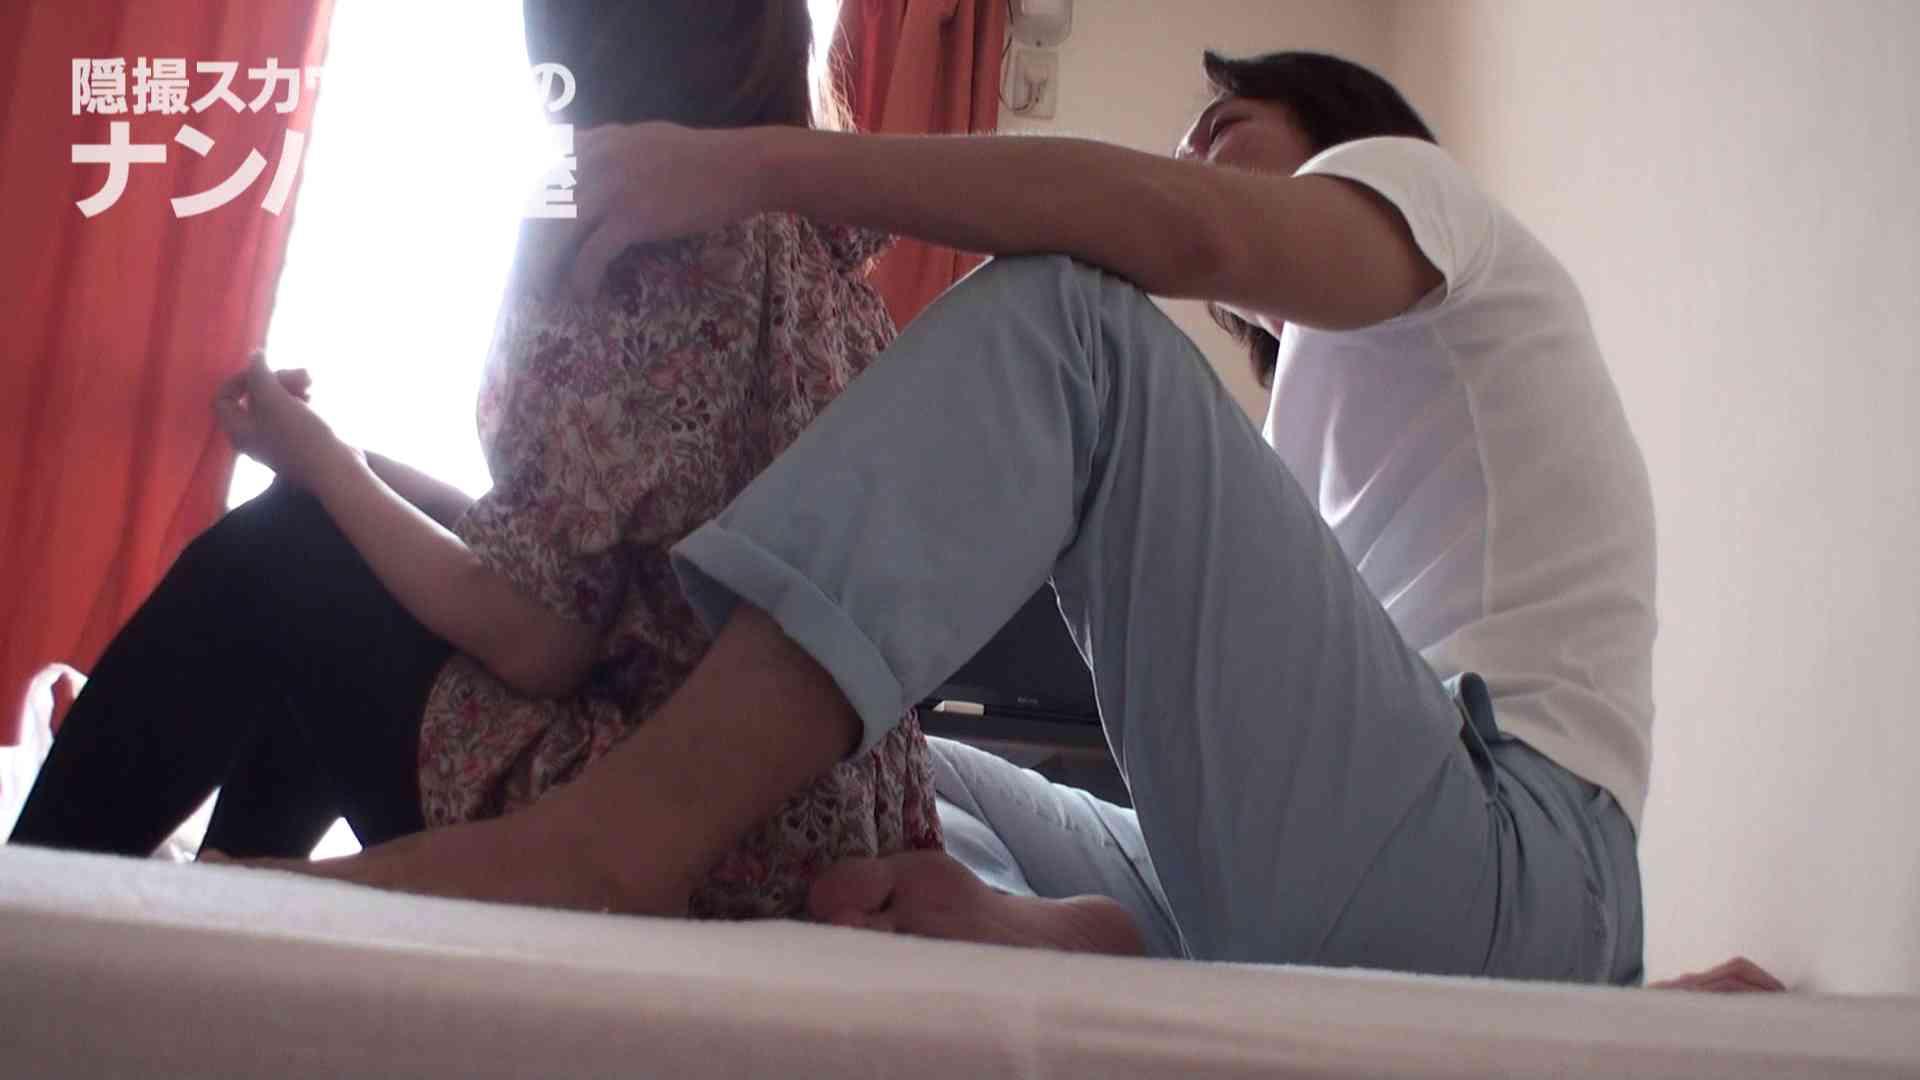 隠撮スカウトマンのナンパ部屋~風俗デビュー前のつまみ食い~ sii 隠撮   脱衣所  67pic 16